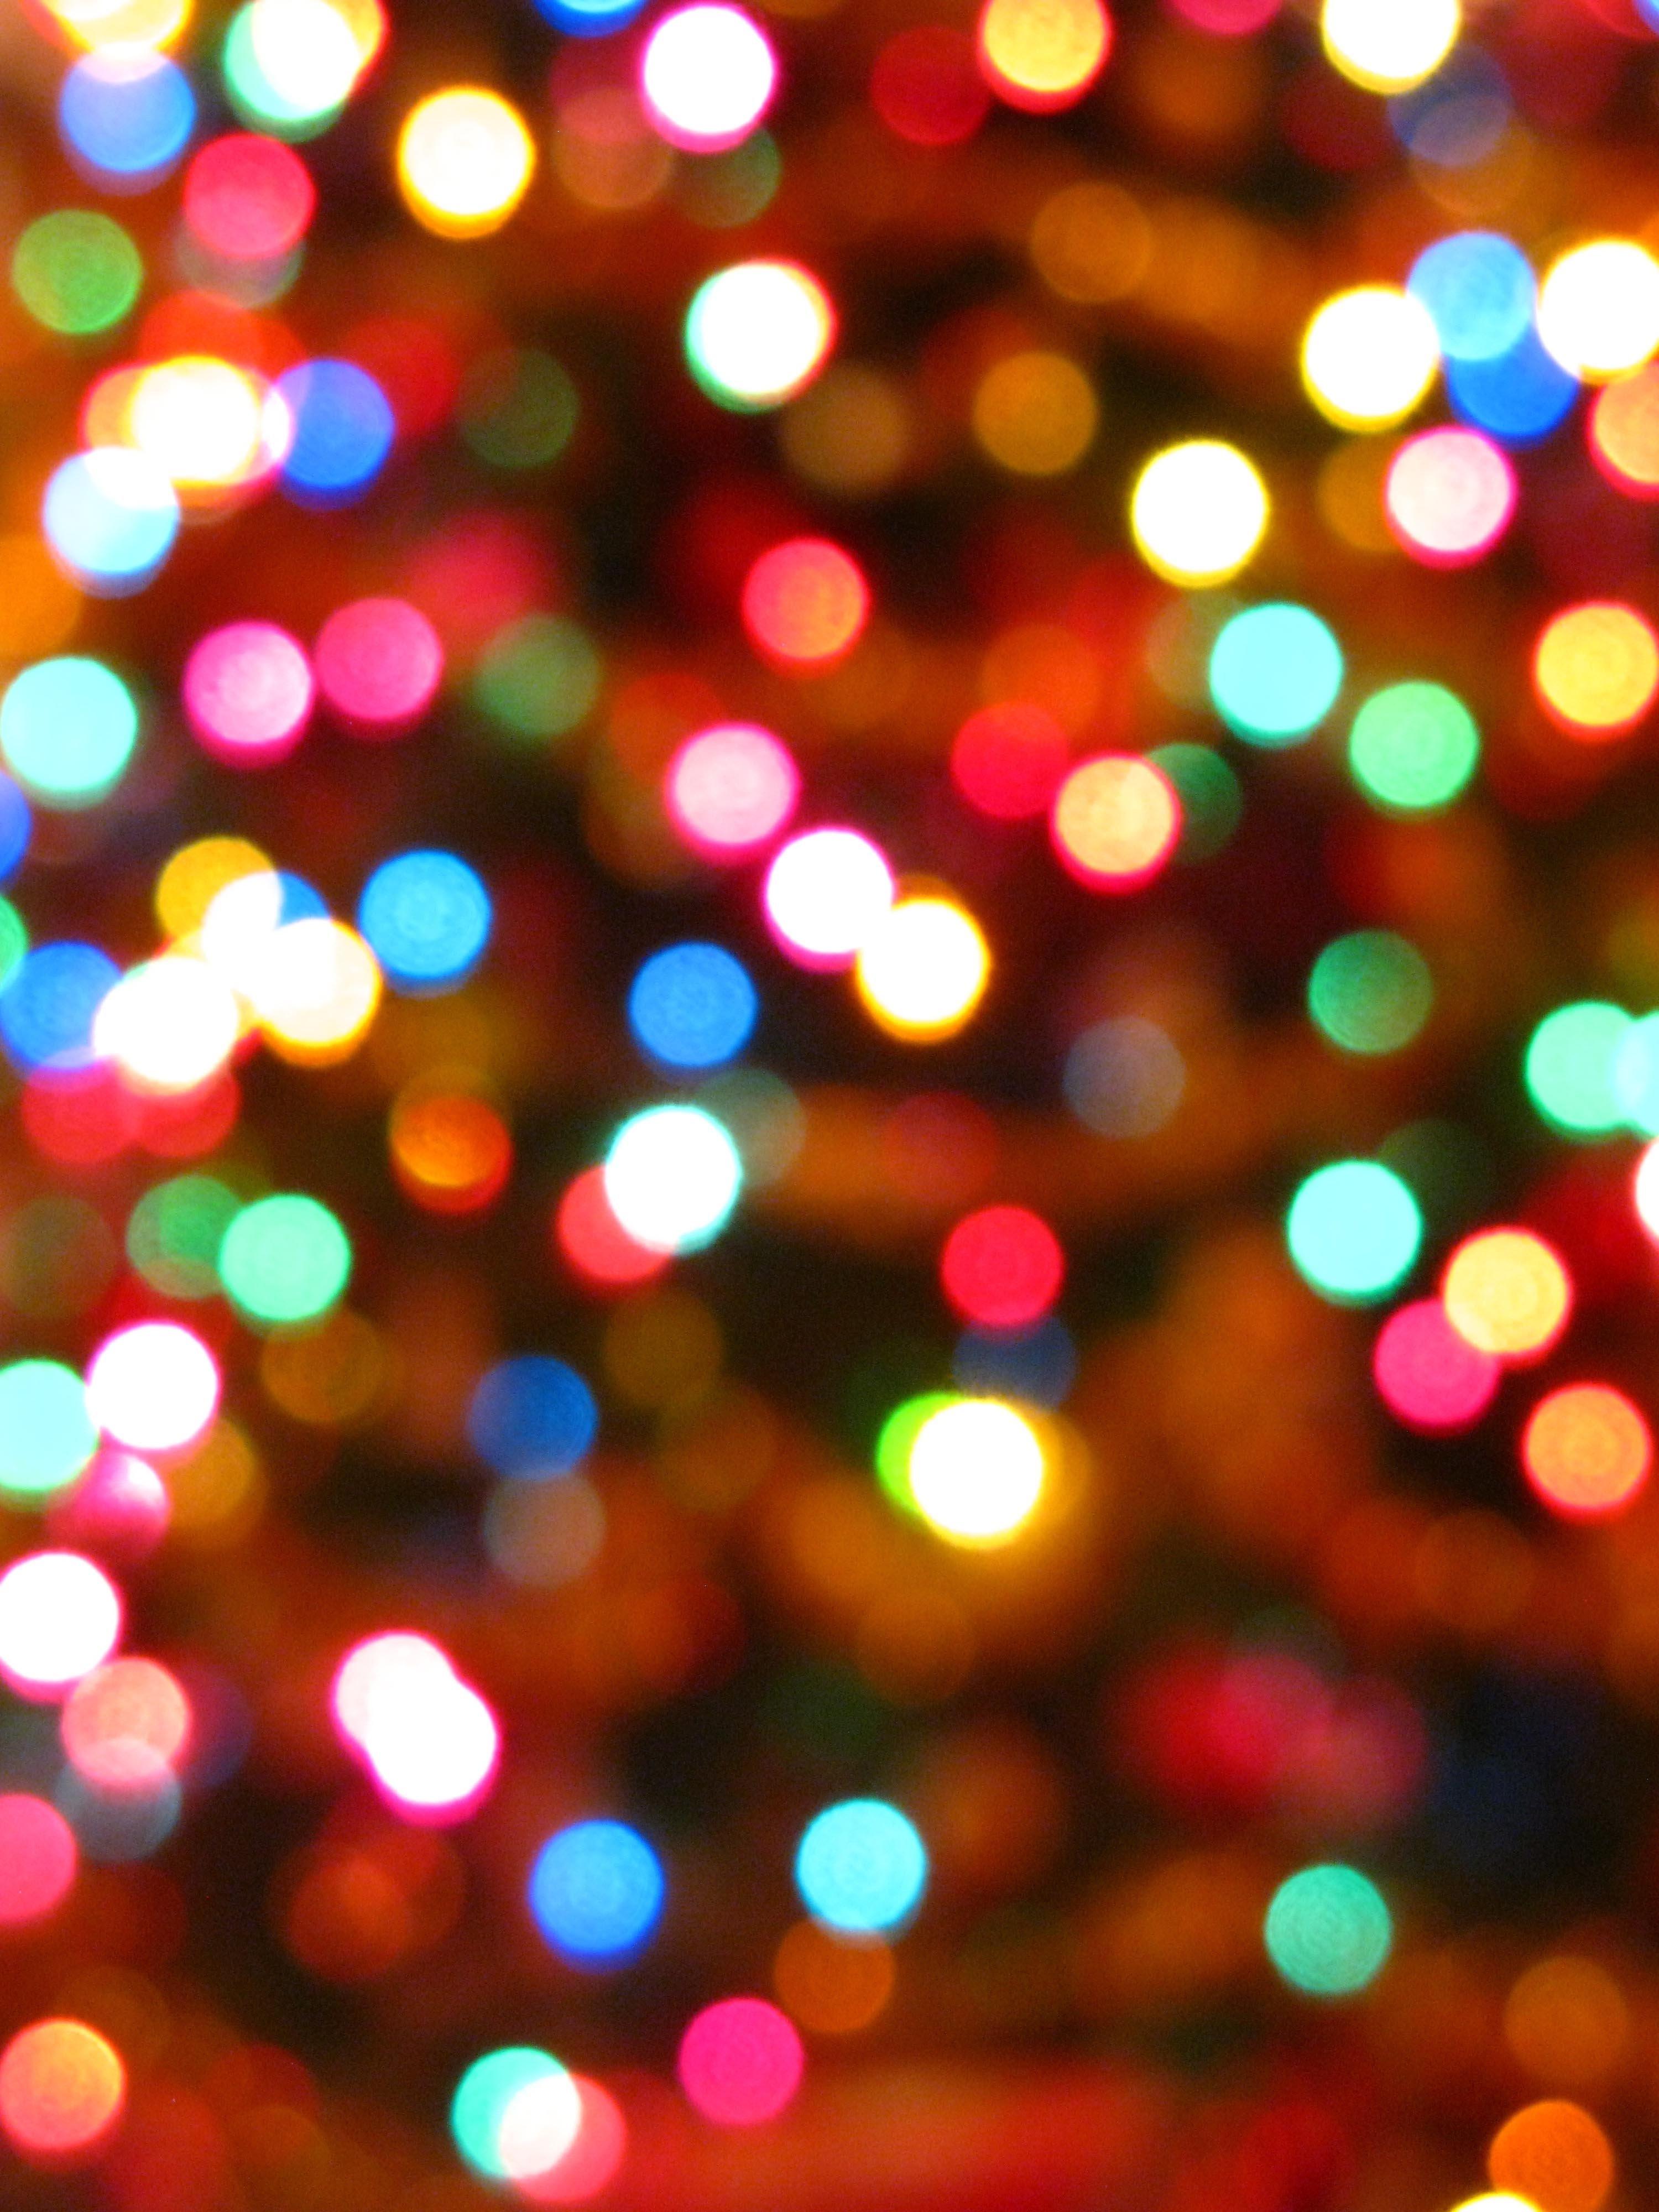 blurry lights background tumblr wwwimgkidcom the